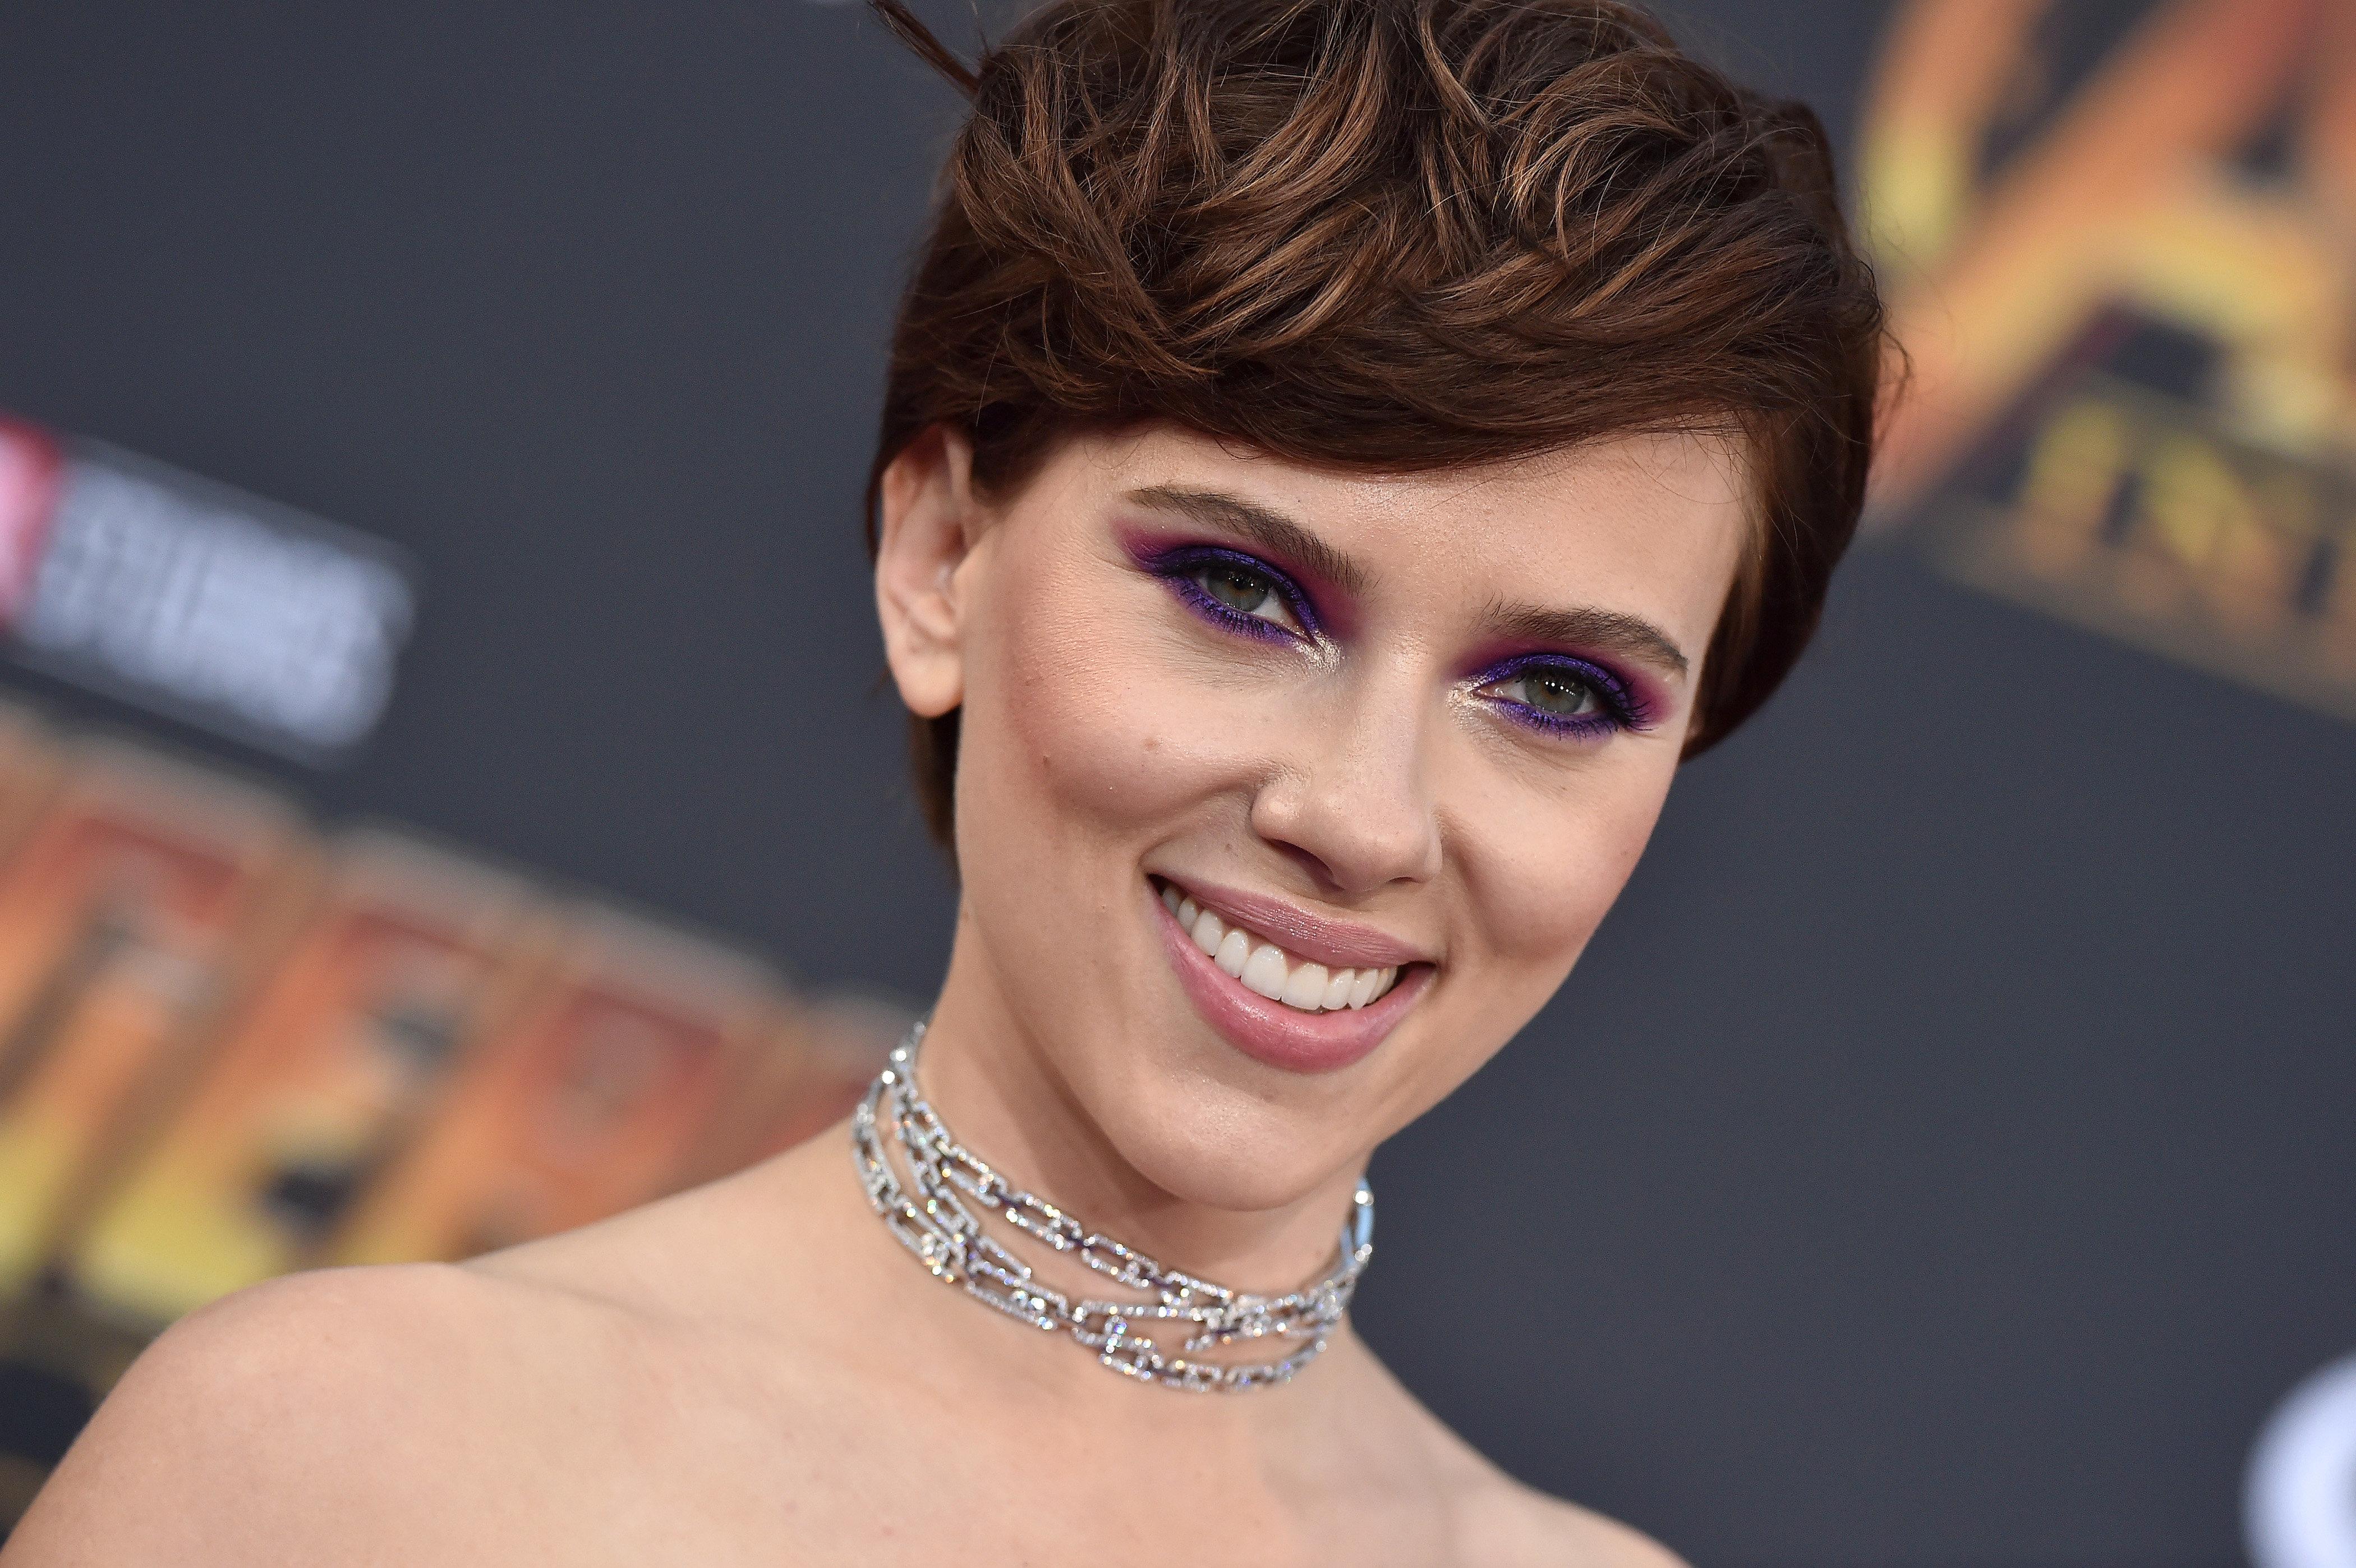 Η Scarlett Johansson θα υποδυθεί έναν τρανς άνδρα και αυτή είναι η σκληρή απάντηση του ατζέντη της που προκάλεσε αντιδράσεις